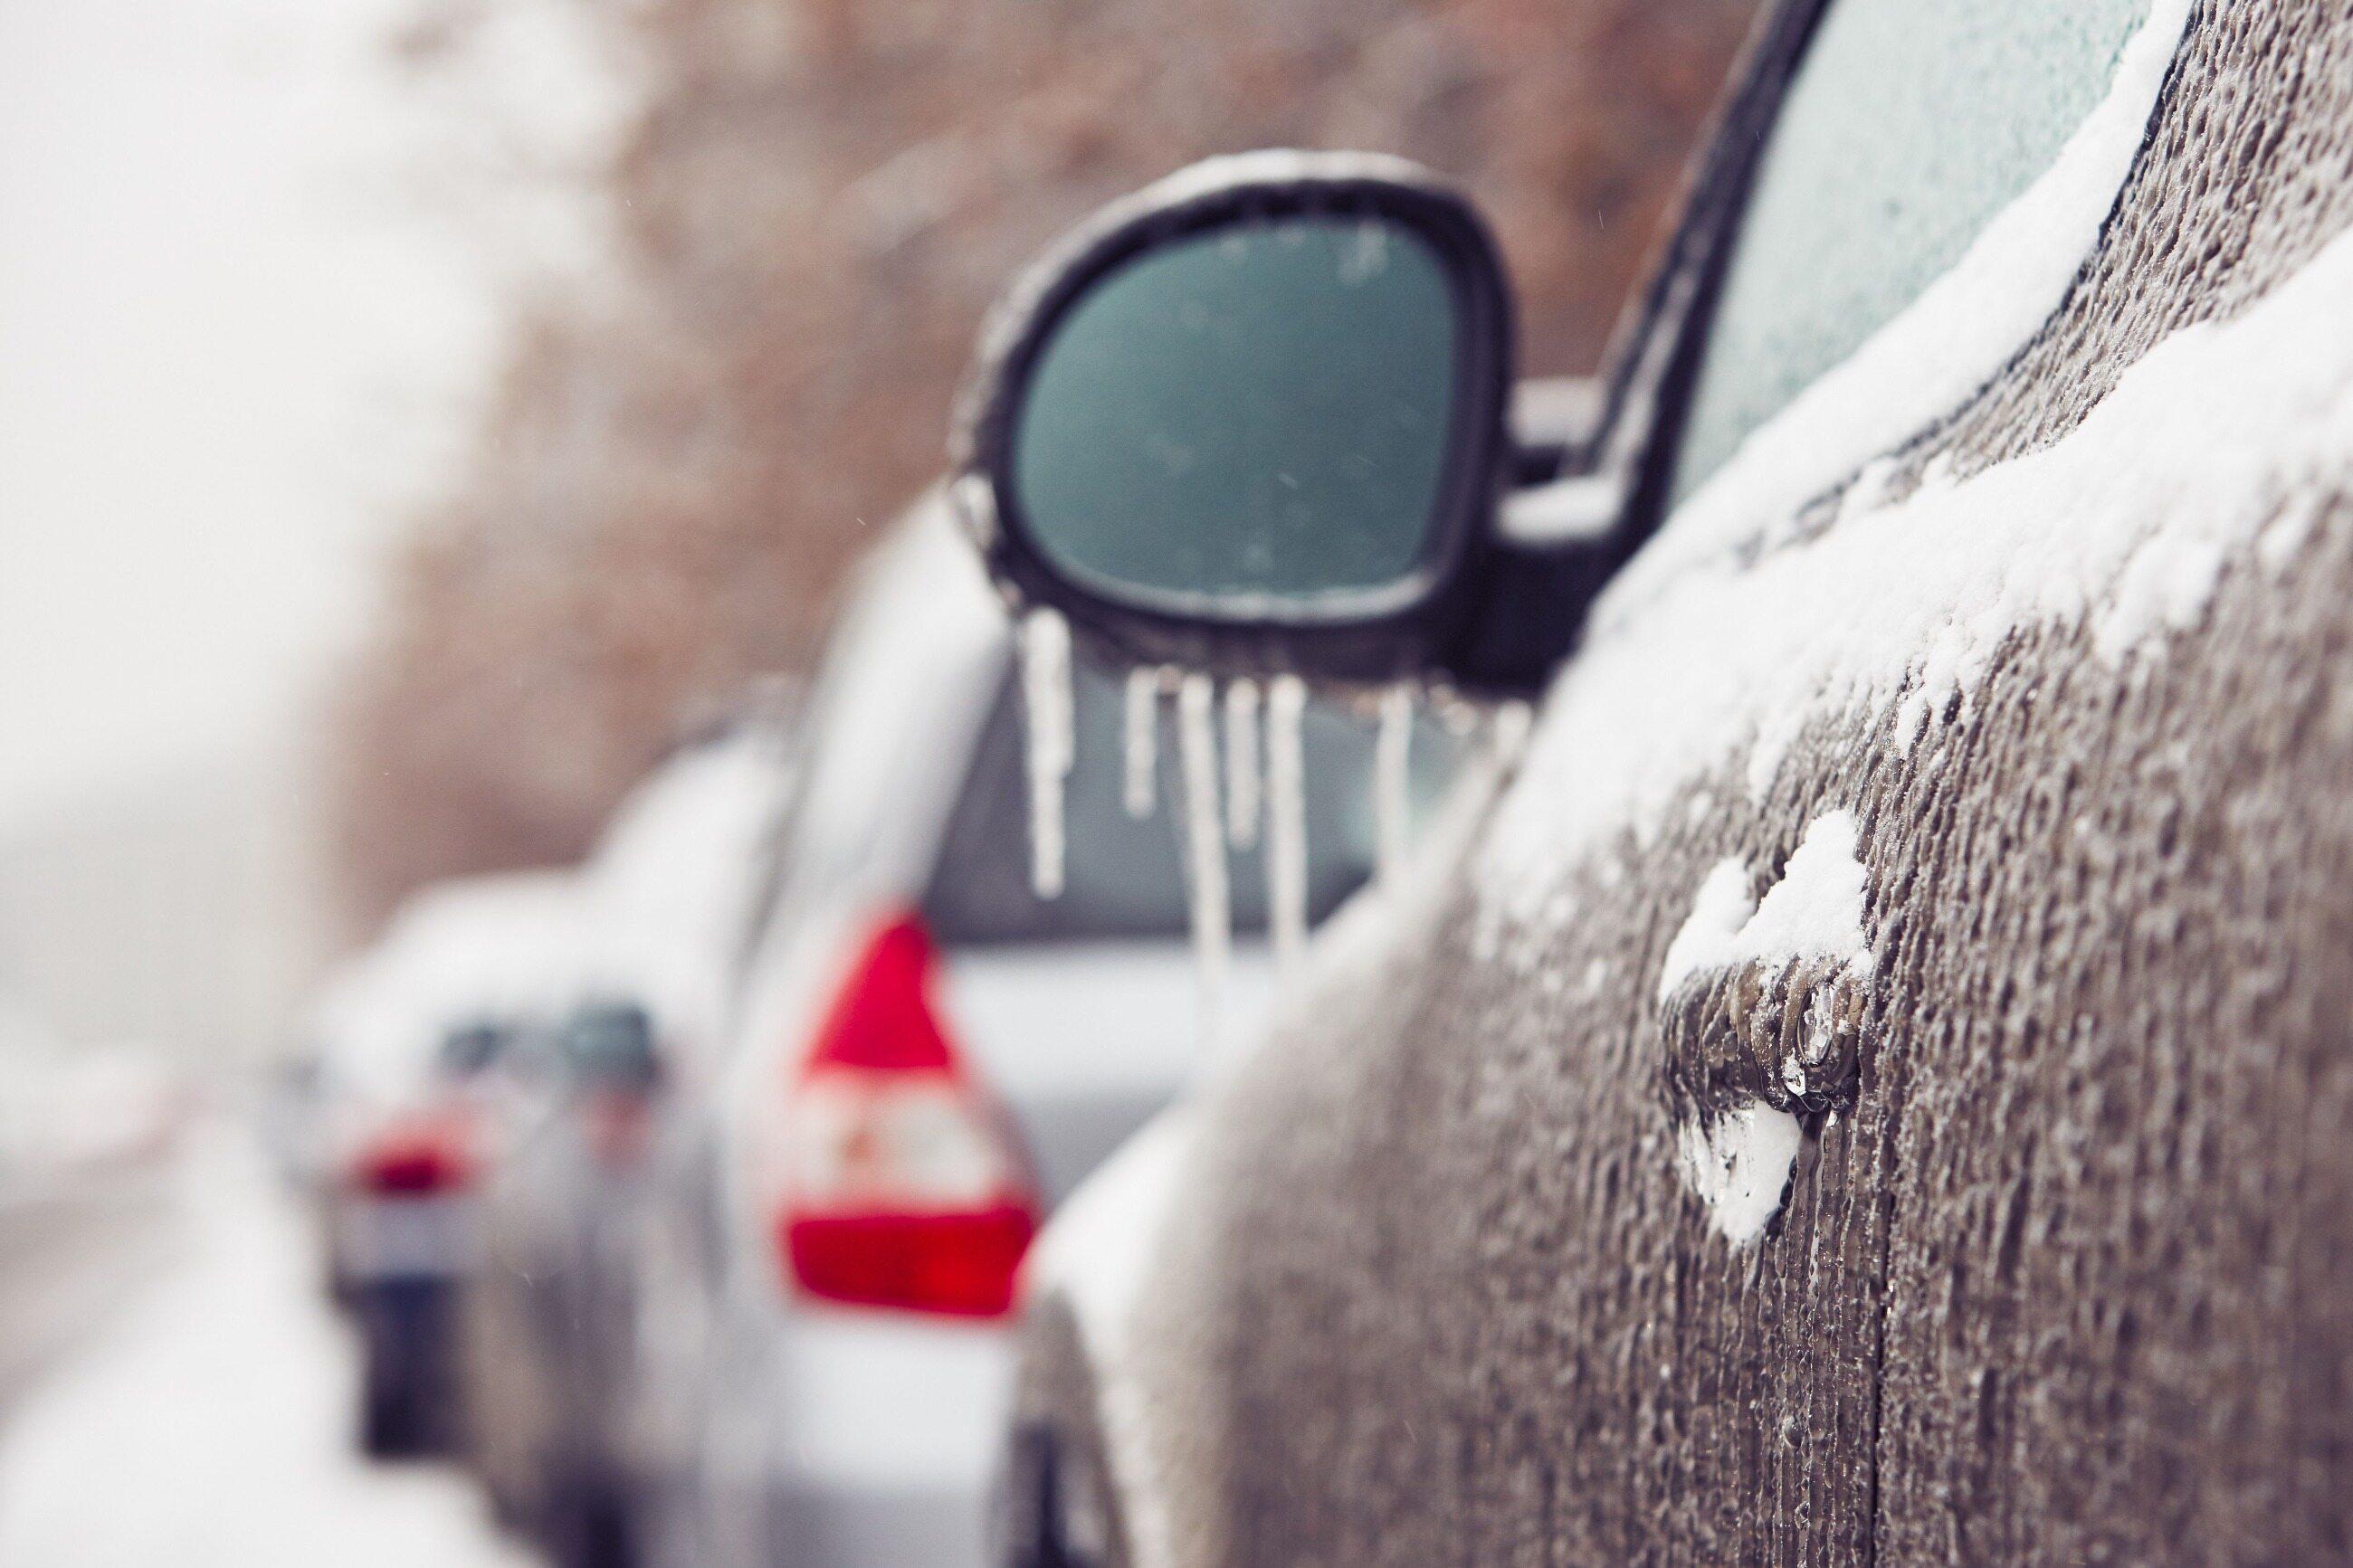 Oblodzony samochód, zdjęcie ilustracyjne